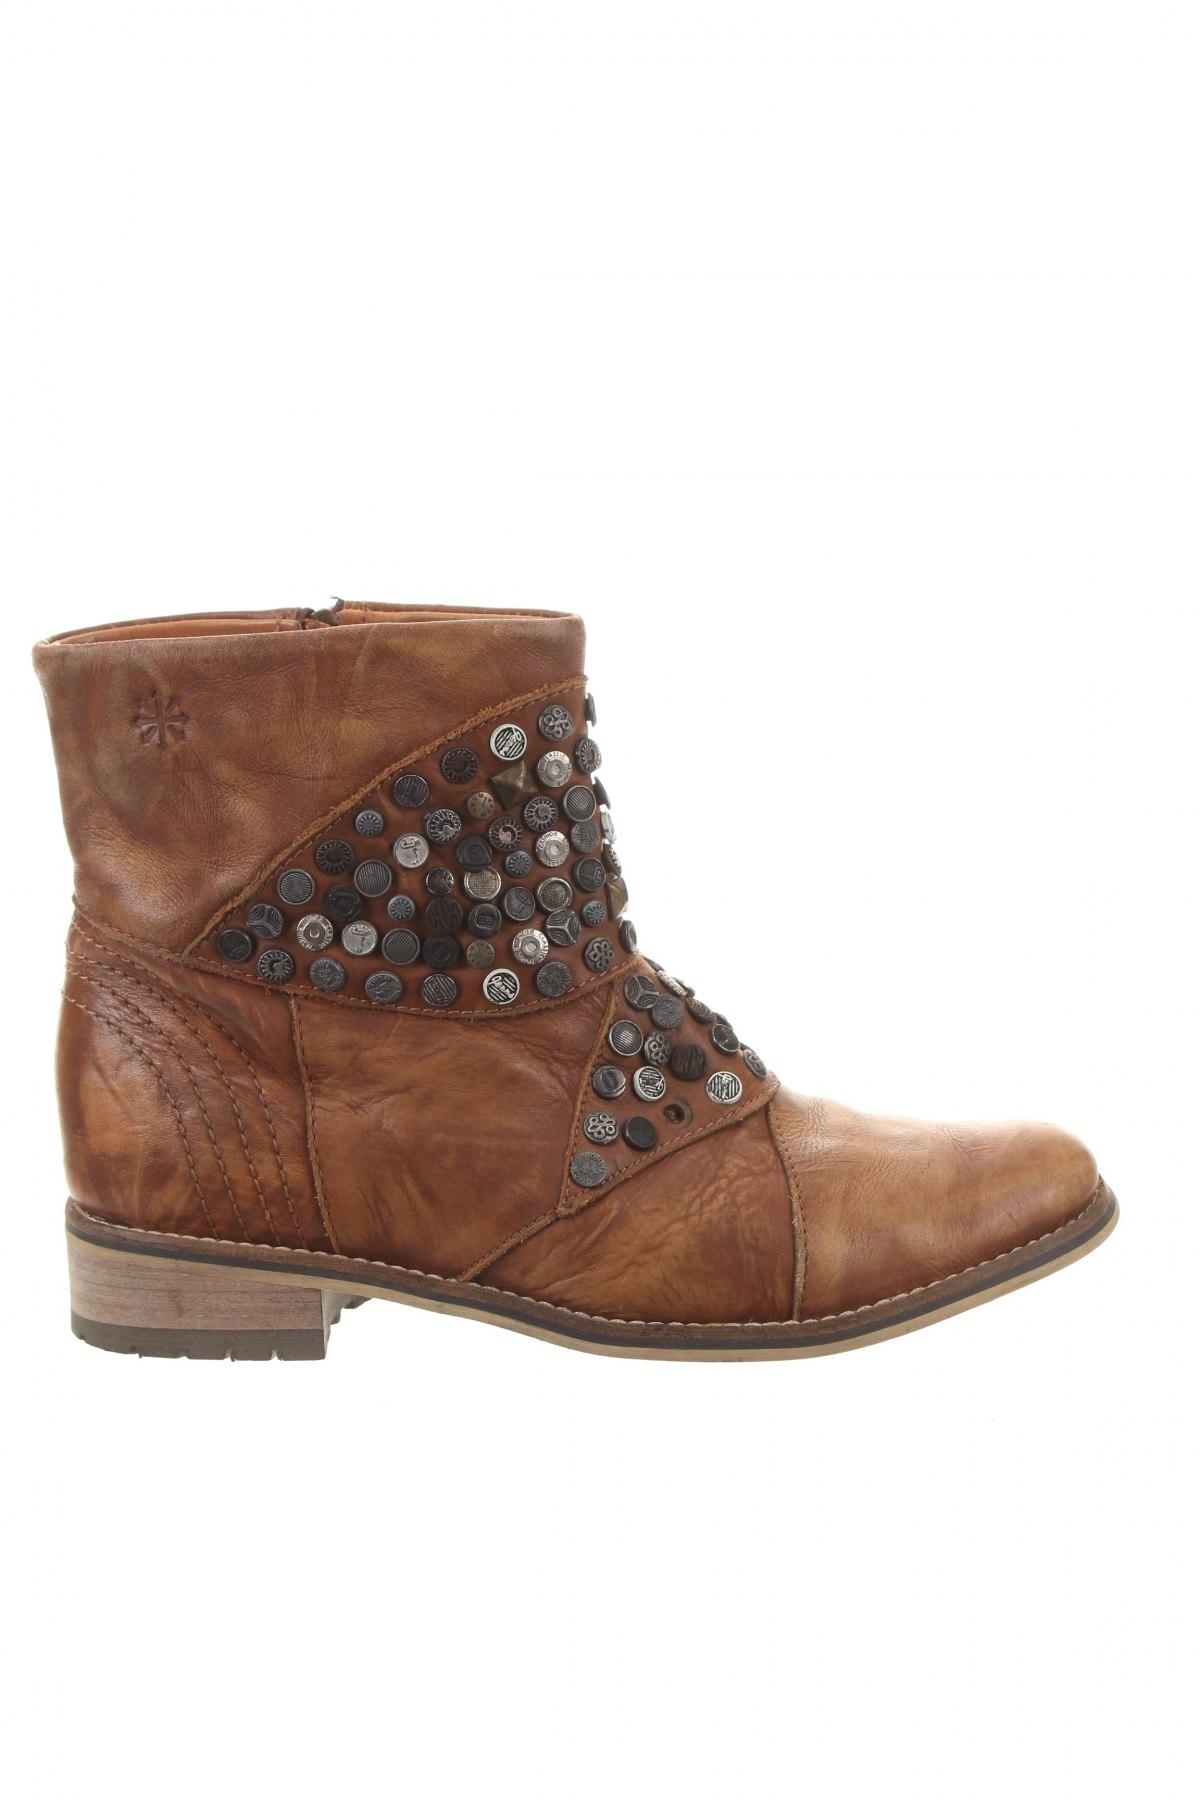 Dámské topánky  Feud